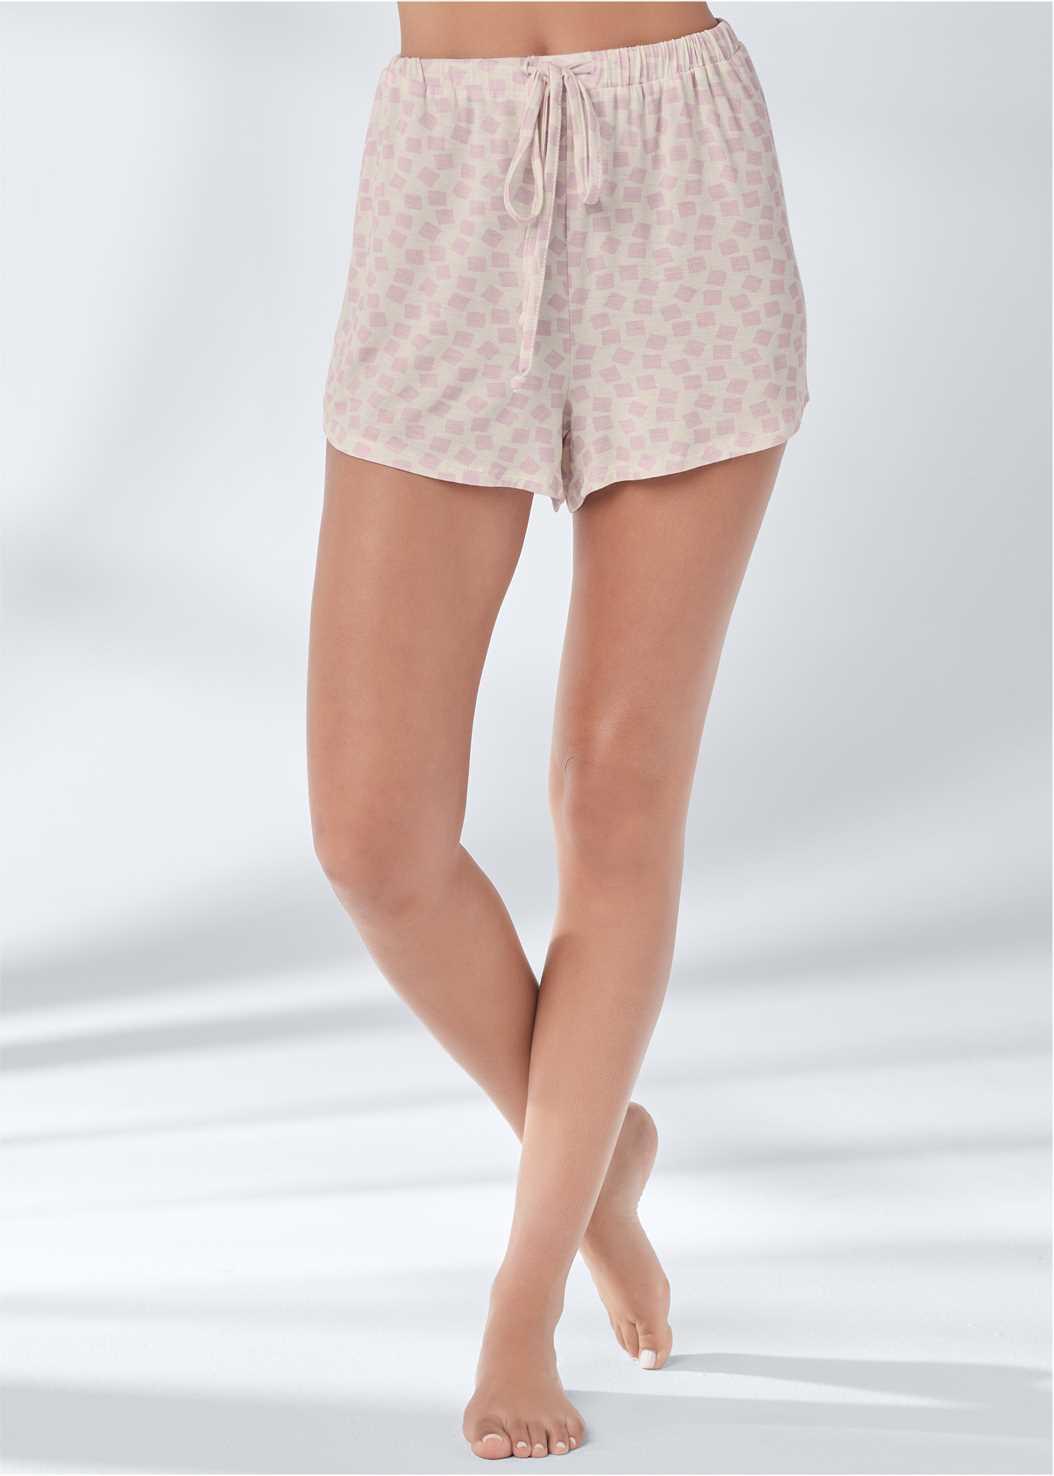 Sleep Shorts,Long Sleeve Sleep Shirt